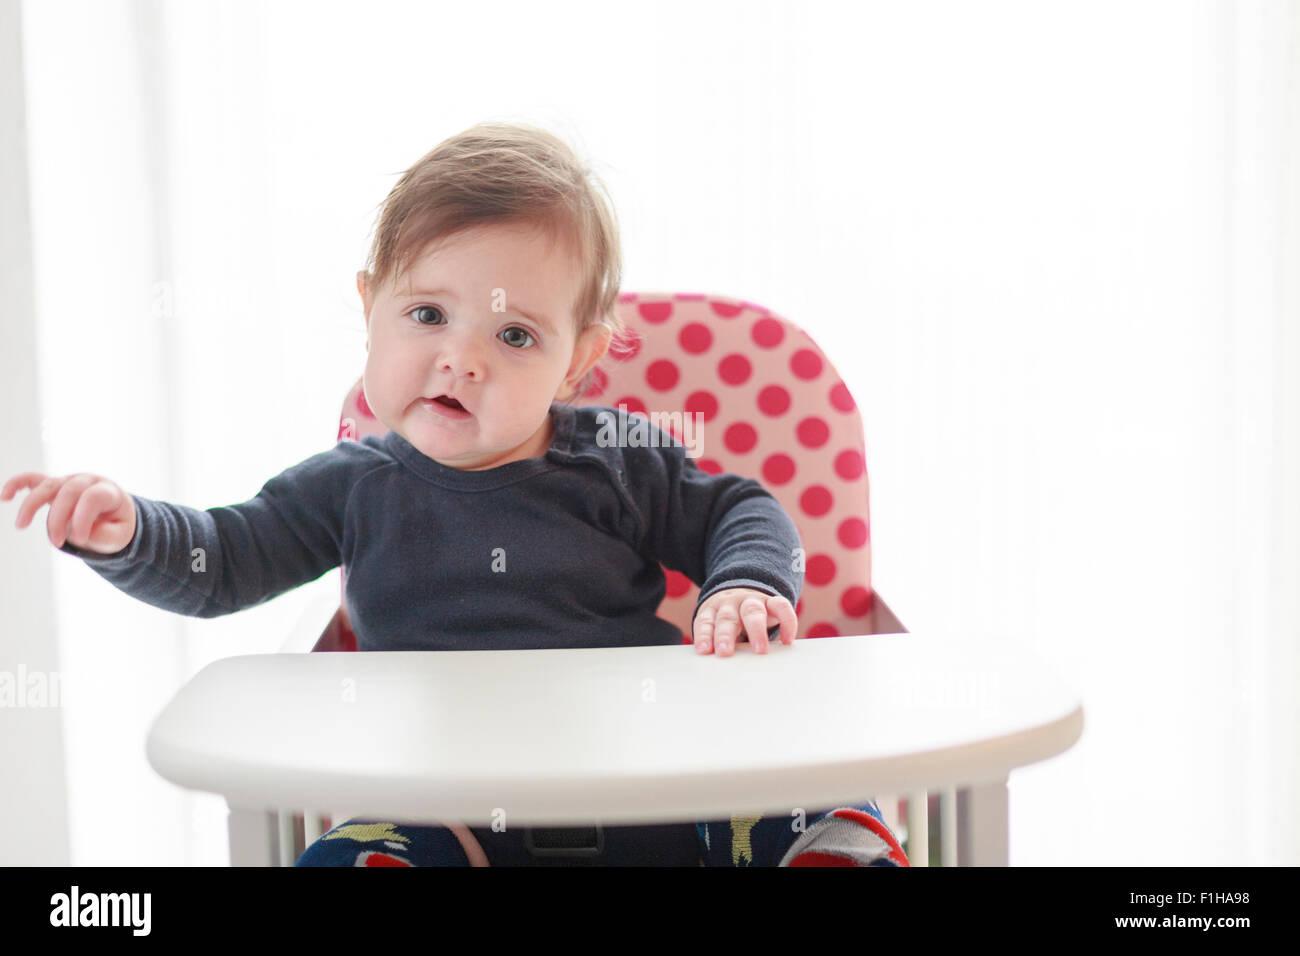 Hochstühle Für Babys Und Kleinkinder ~ Sechs 6 monate altes baby mädchen im hochstuhl stockfoto bild